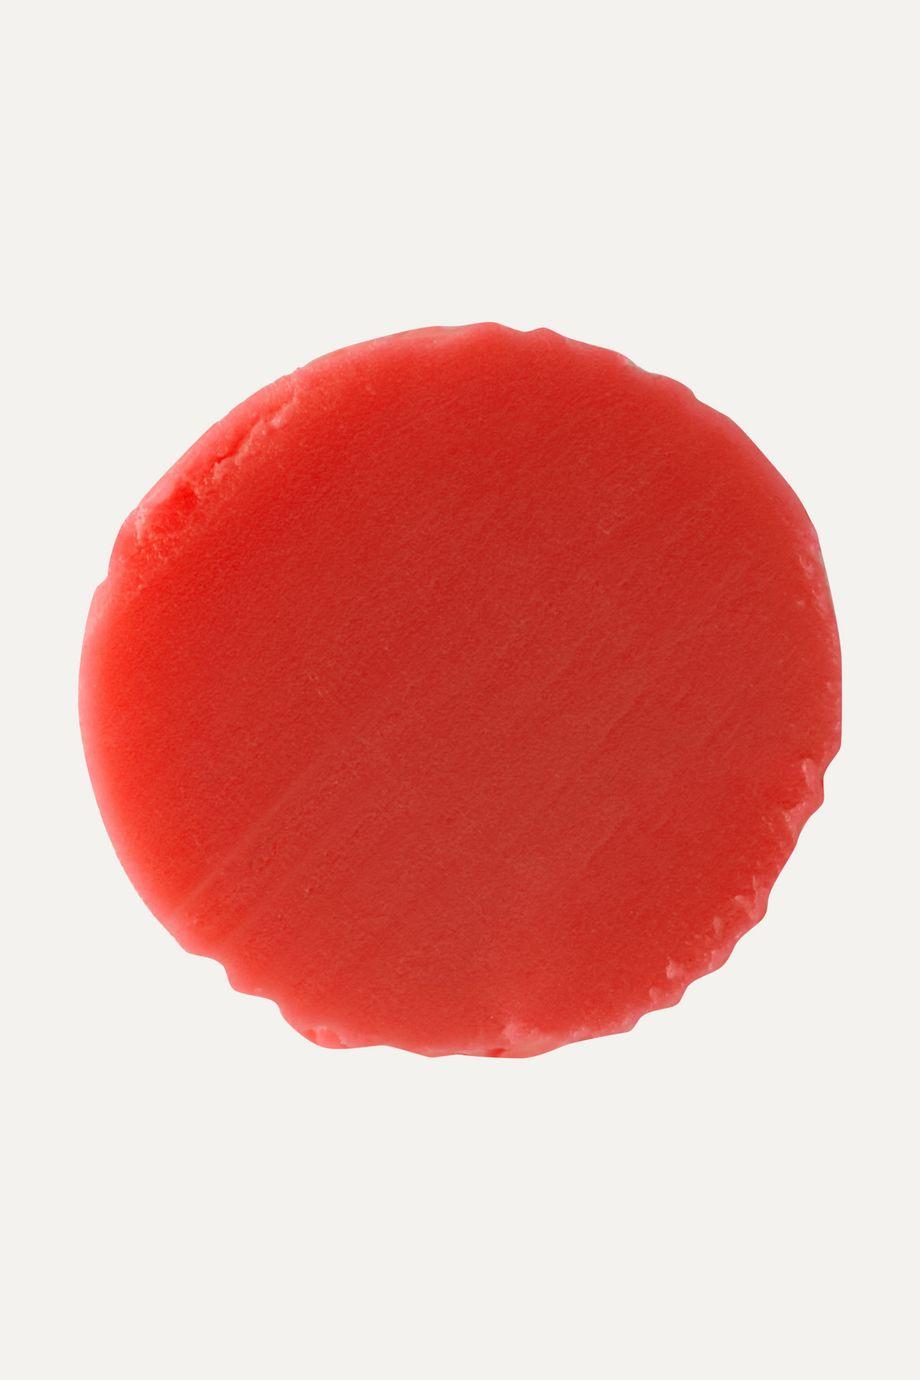 Burberry Beauty Lip Glow Balm - Orange Poppy No.01